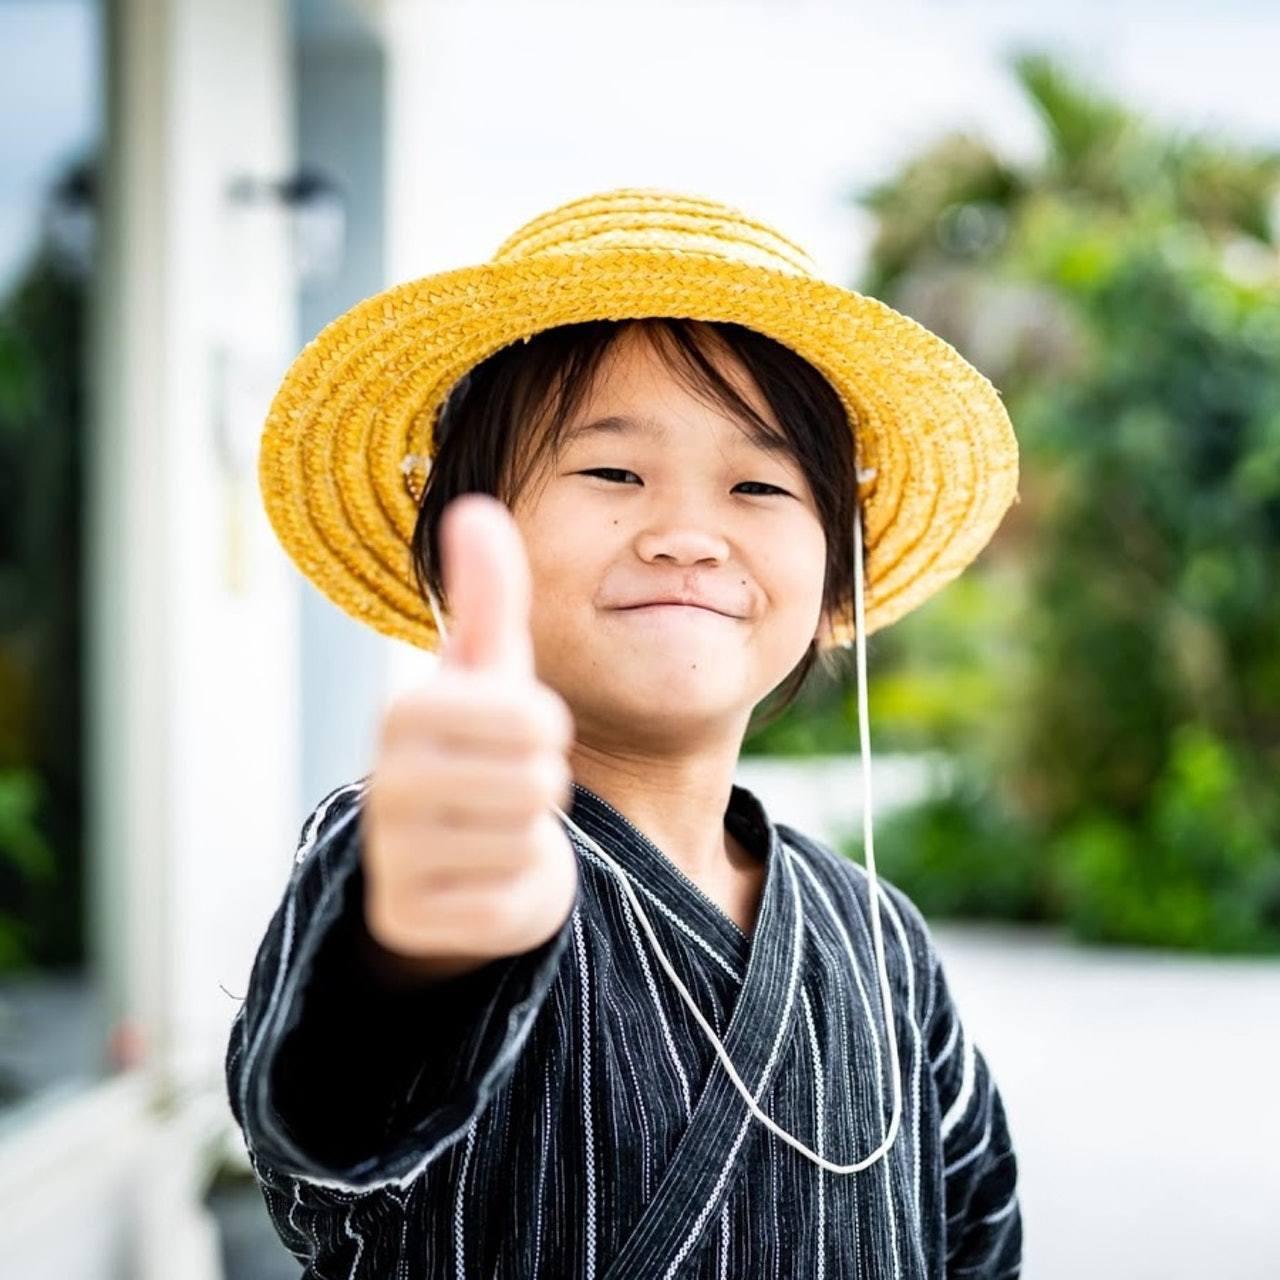 日本男童中村逞珂,聲稱自己從小學3年級起就不再上學,其因是不想被教育制度束縛。圖...